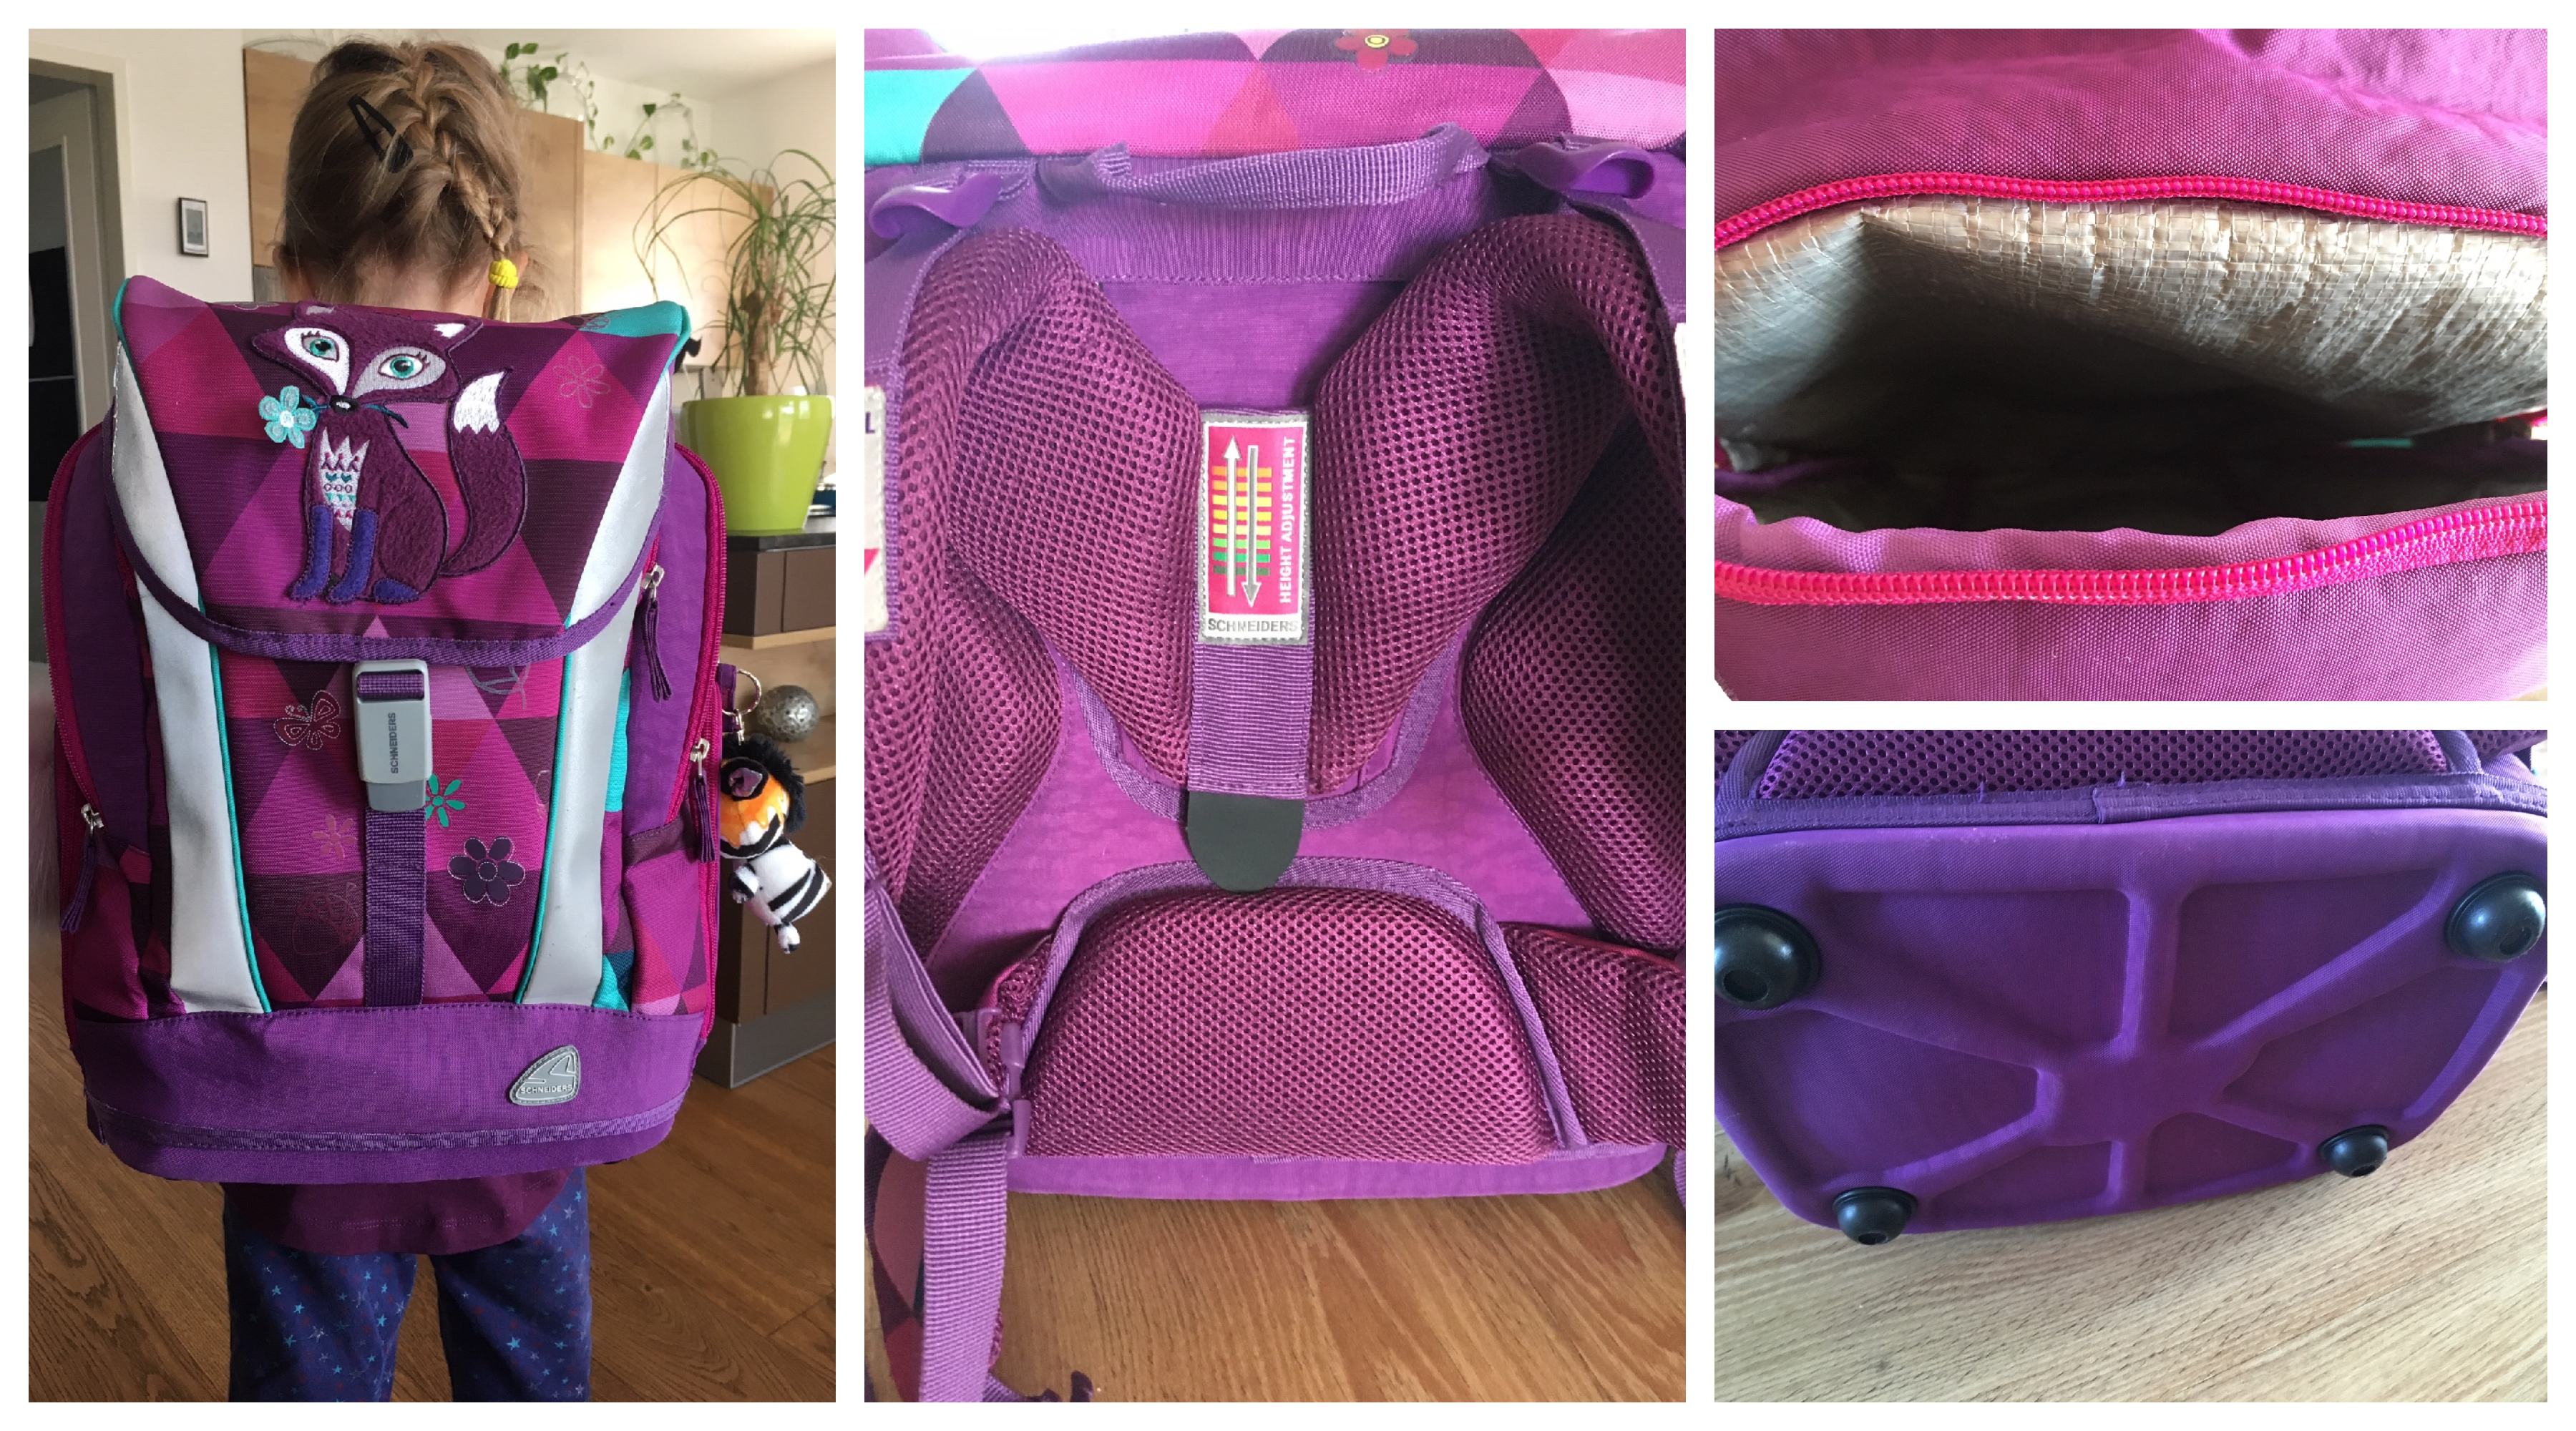 Schultaschenvergleich: Mütter von Schulkindern berichten ihre Erfahrungen mit ihrer Schultasche